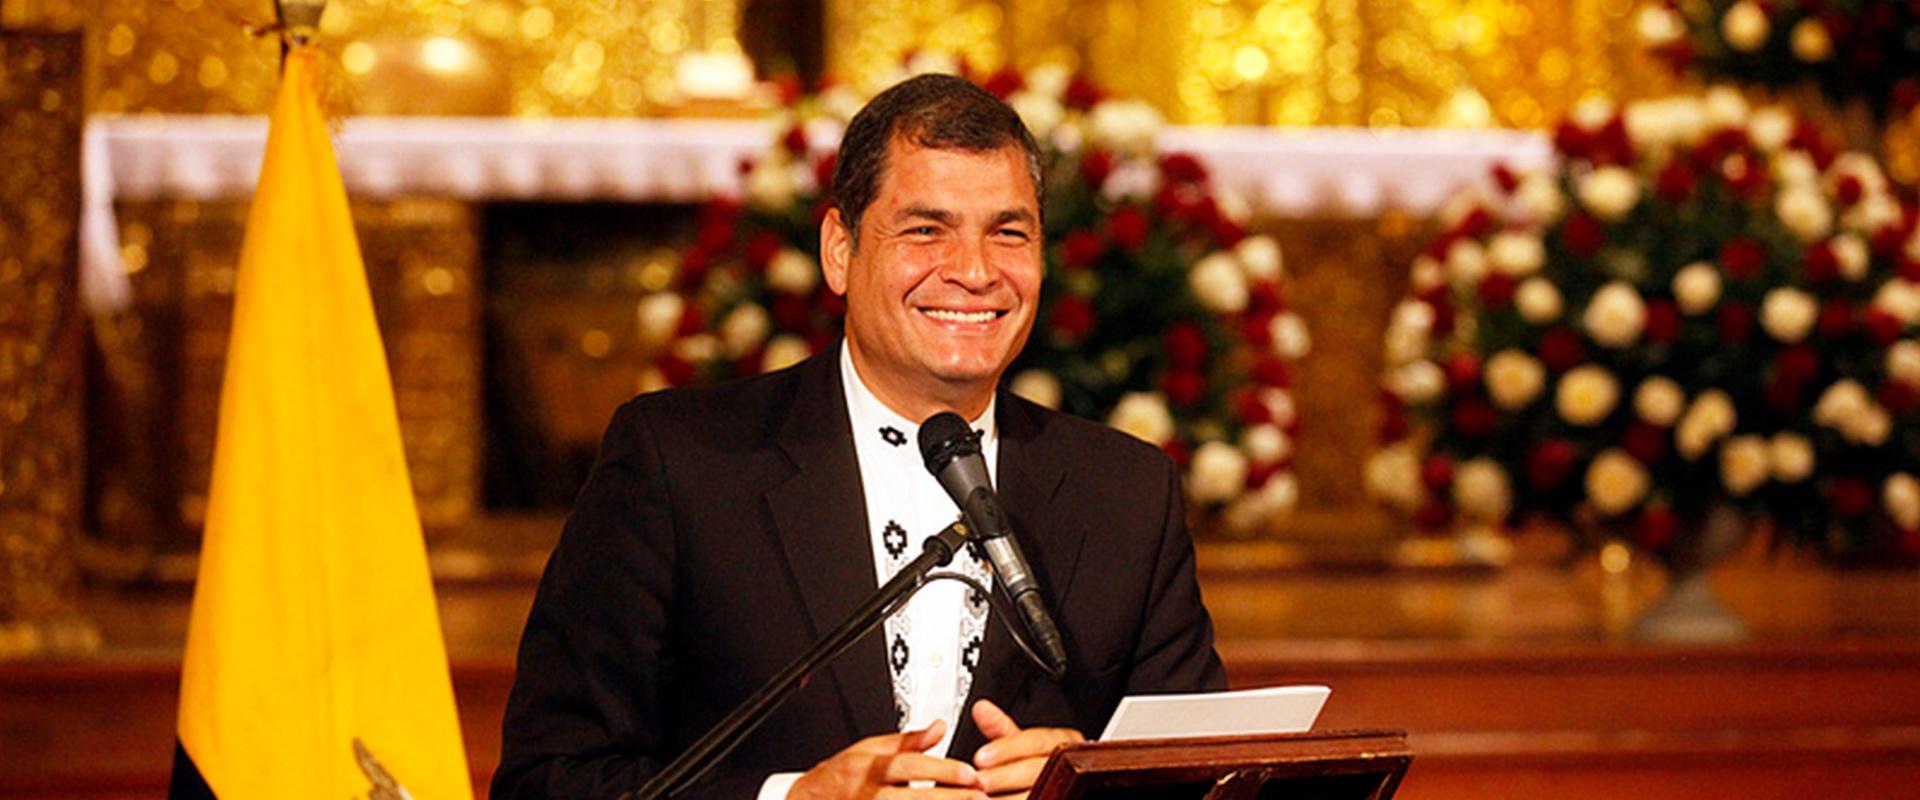 Proyecciones matemáticas de Rafael Correa ubican la disputa por la presidencia del Ecuador entre Aráuz y Lasso.